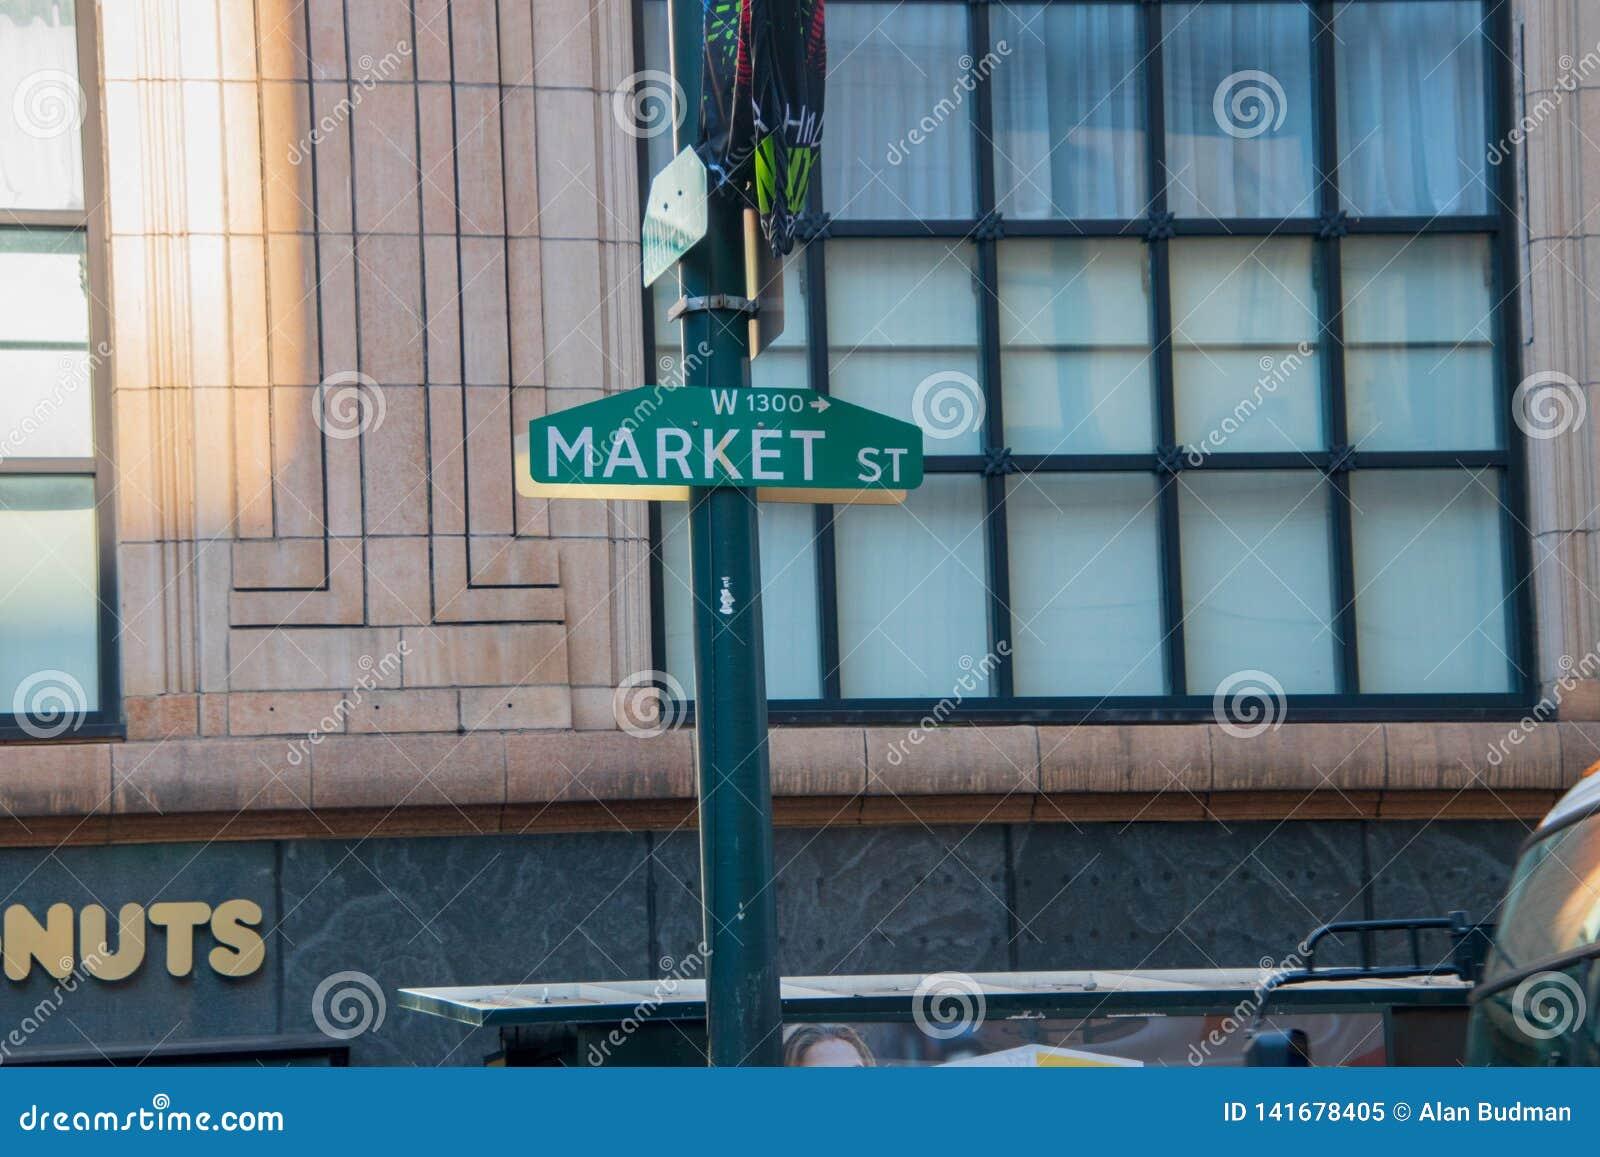 Market Street vert se connectent un poteau vert avec une grande fenêtre de multi-carreau sur un vieil immeuble de bureaux à l arr